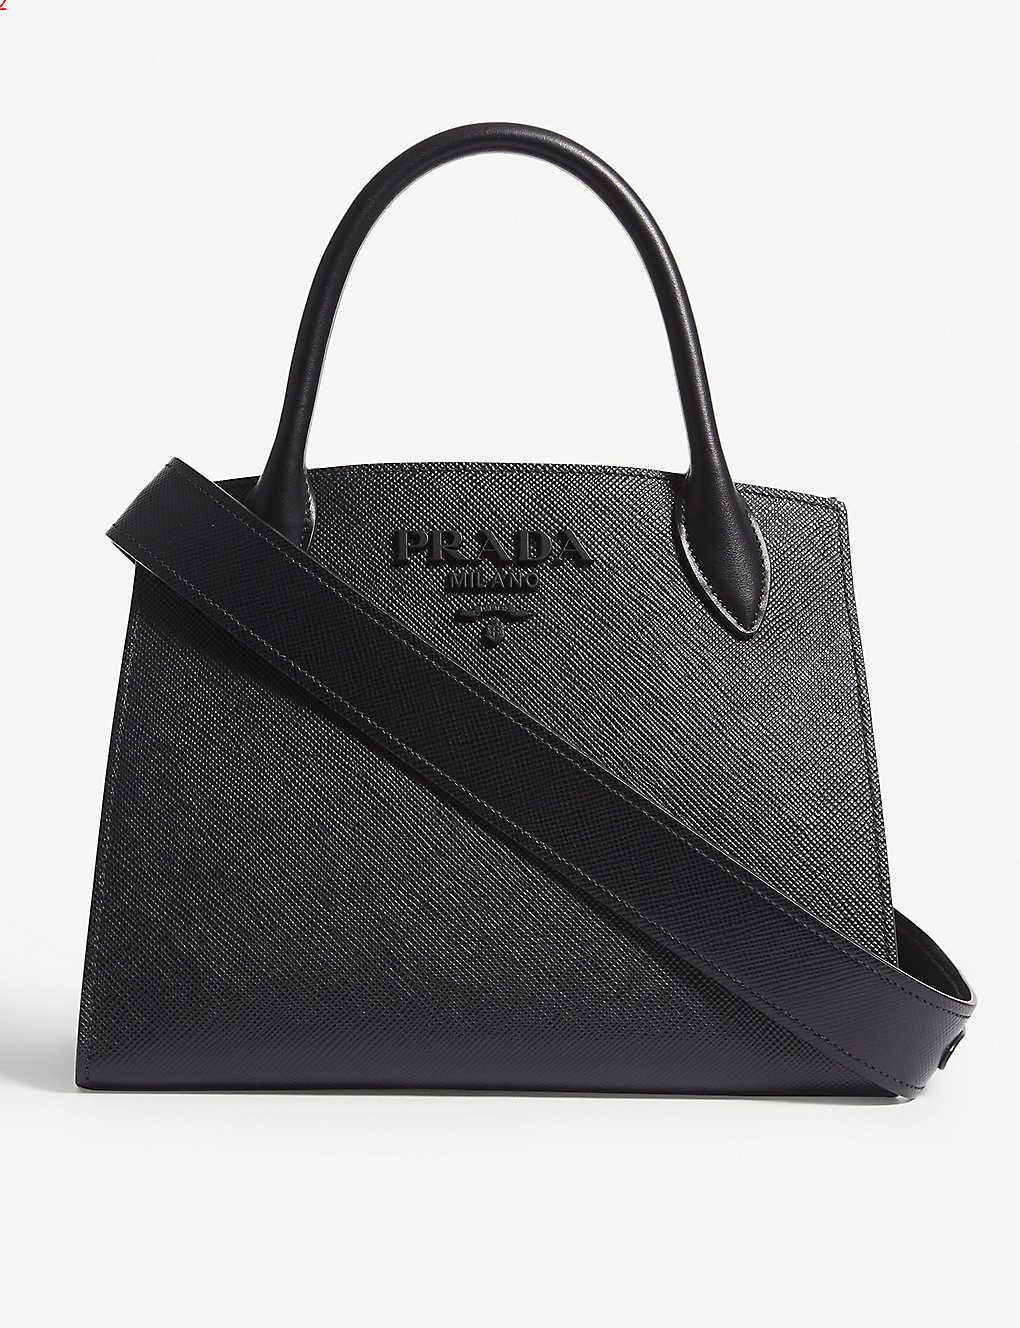 a40b75e74177a7 PRADA - Monochrome Saffiano leather tote | Selfridges.com